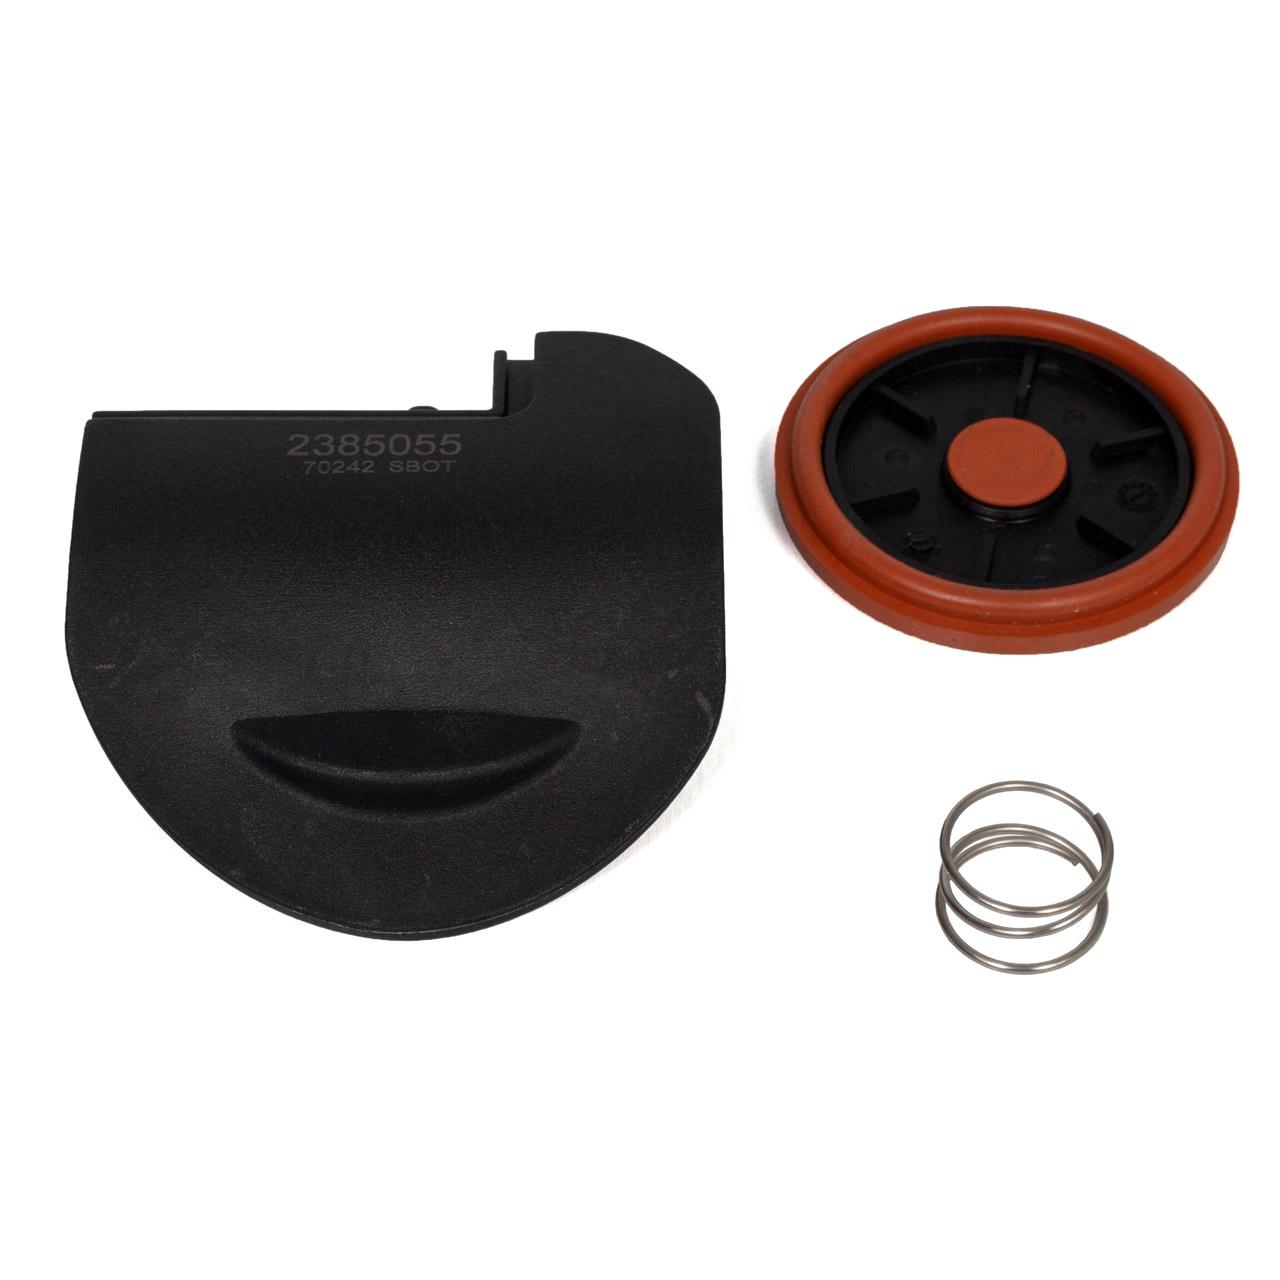 METZGER Membran Kurbelgehäuseentlüftung MINI R56 R55 R57 R58 R59 R60 R61 N12 N16